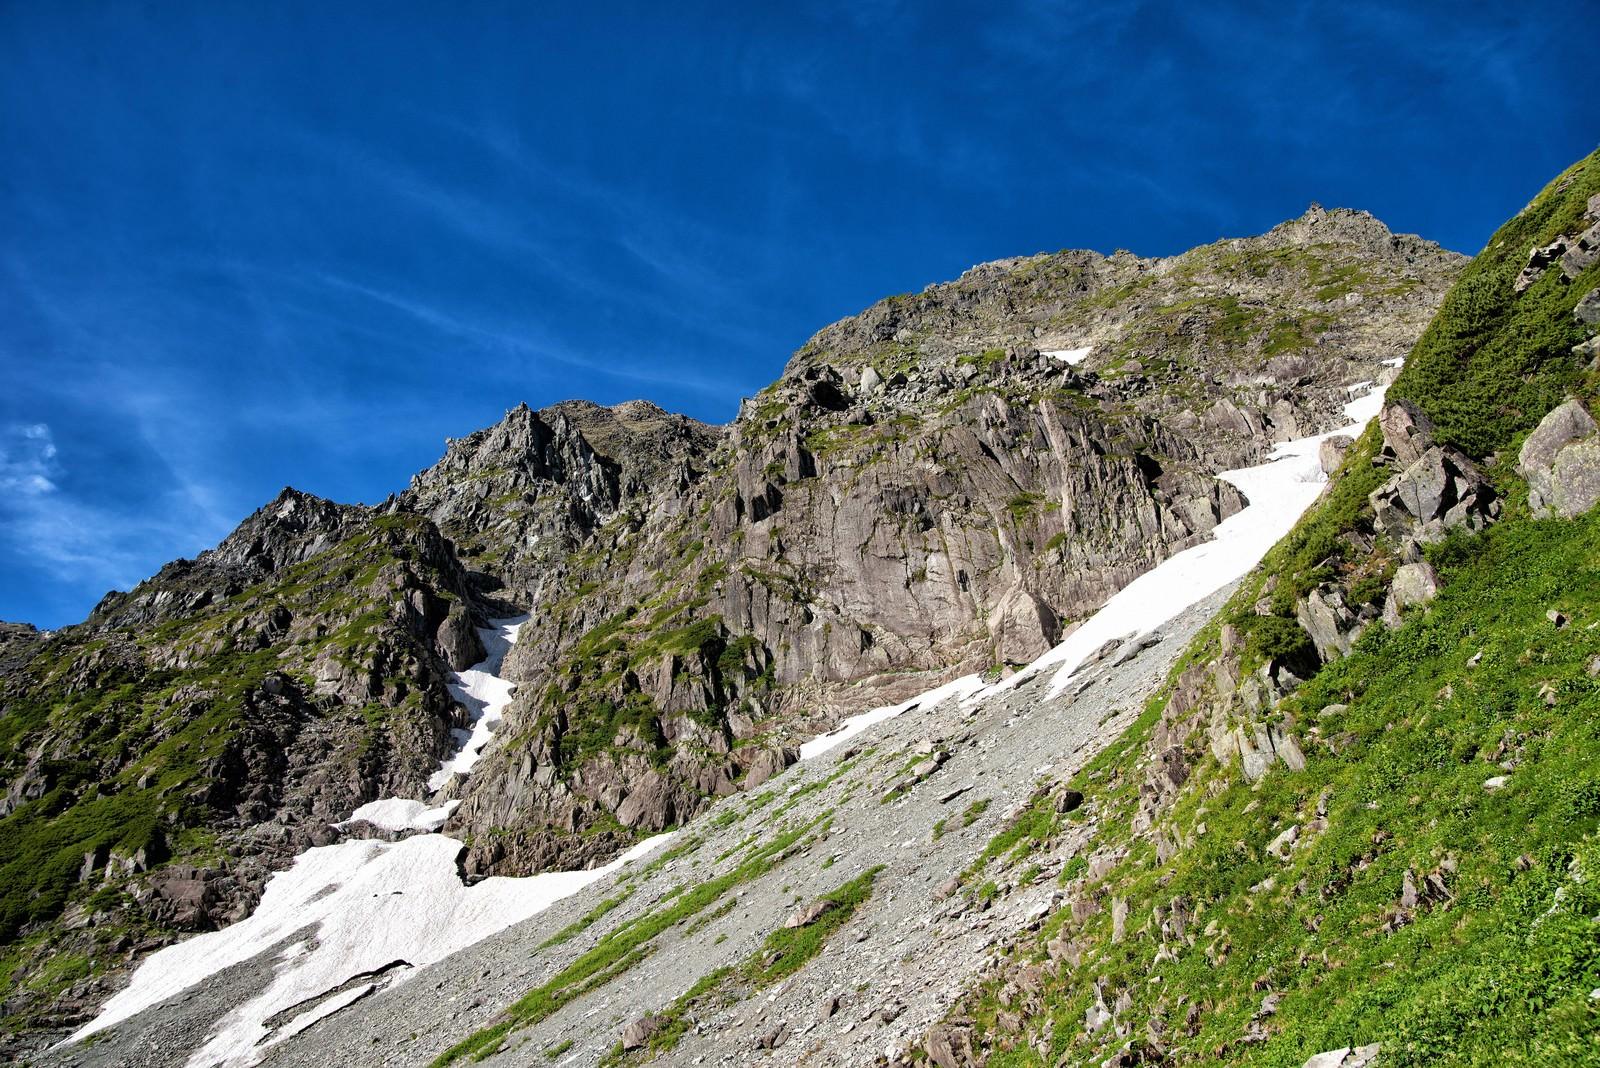 「奥穂高岳の岩壁奥穂高岳の岩壁」のフリー写真素材を拡大